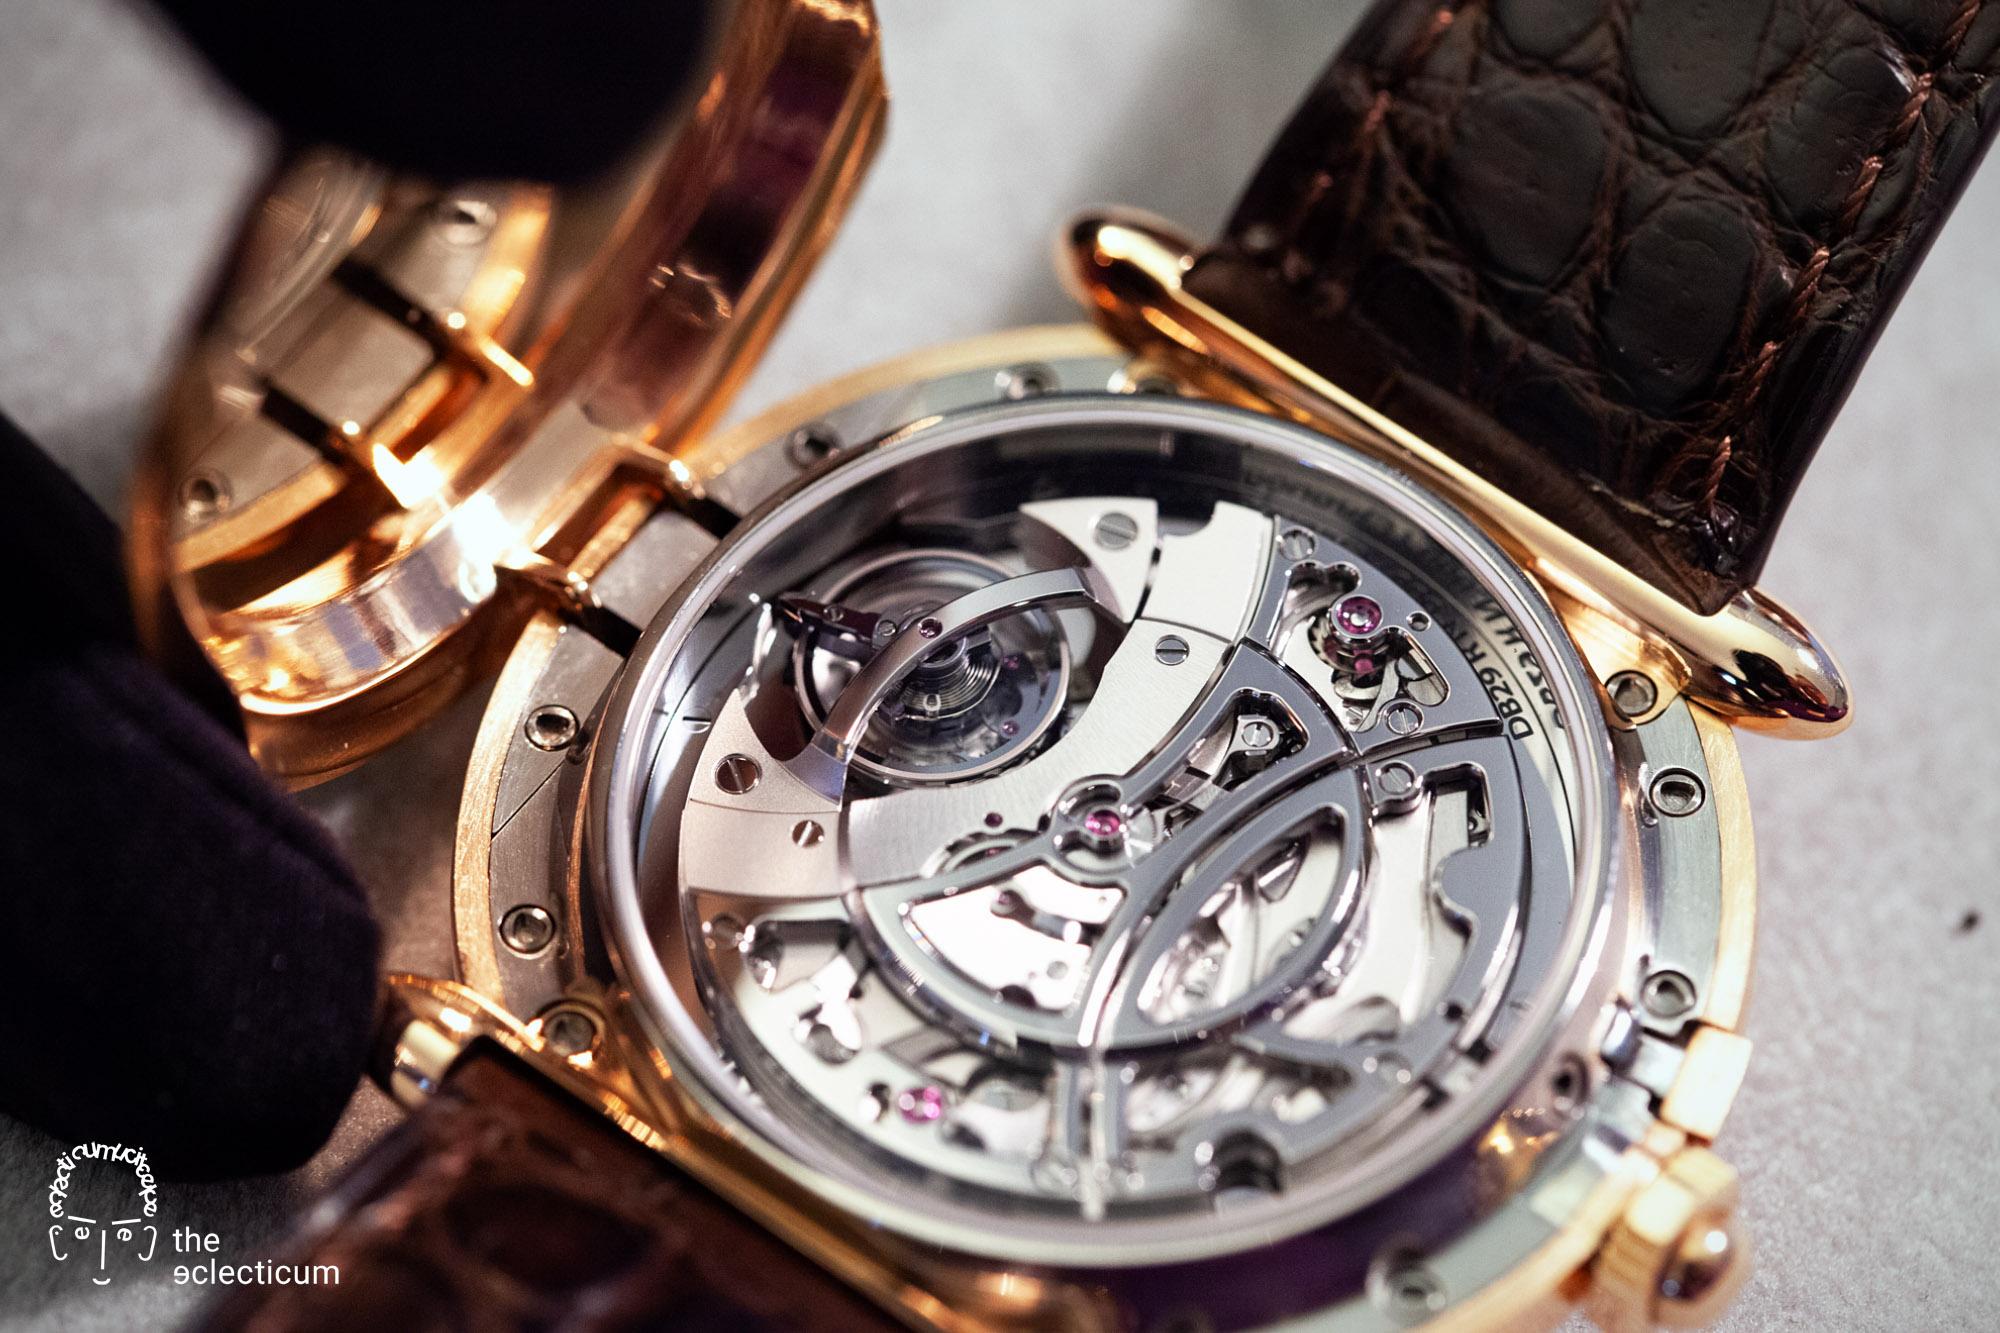 De Bethune DB29 MaxiChrono Tourbillon chronograph central stack manufacture movement Cal. DB2039